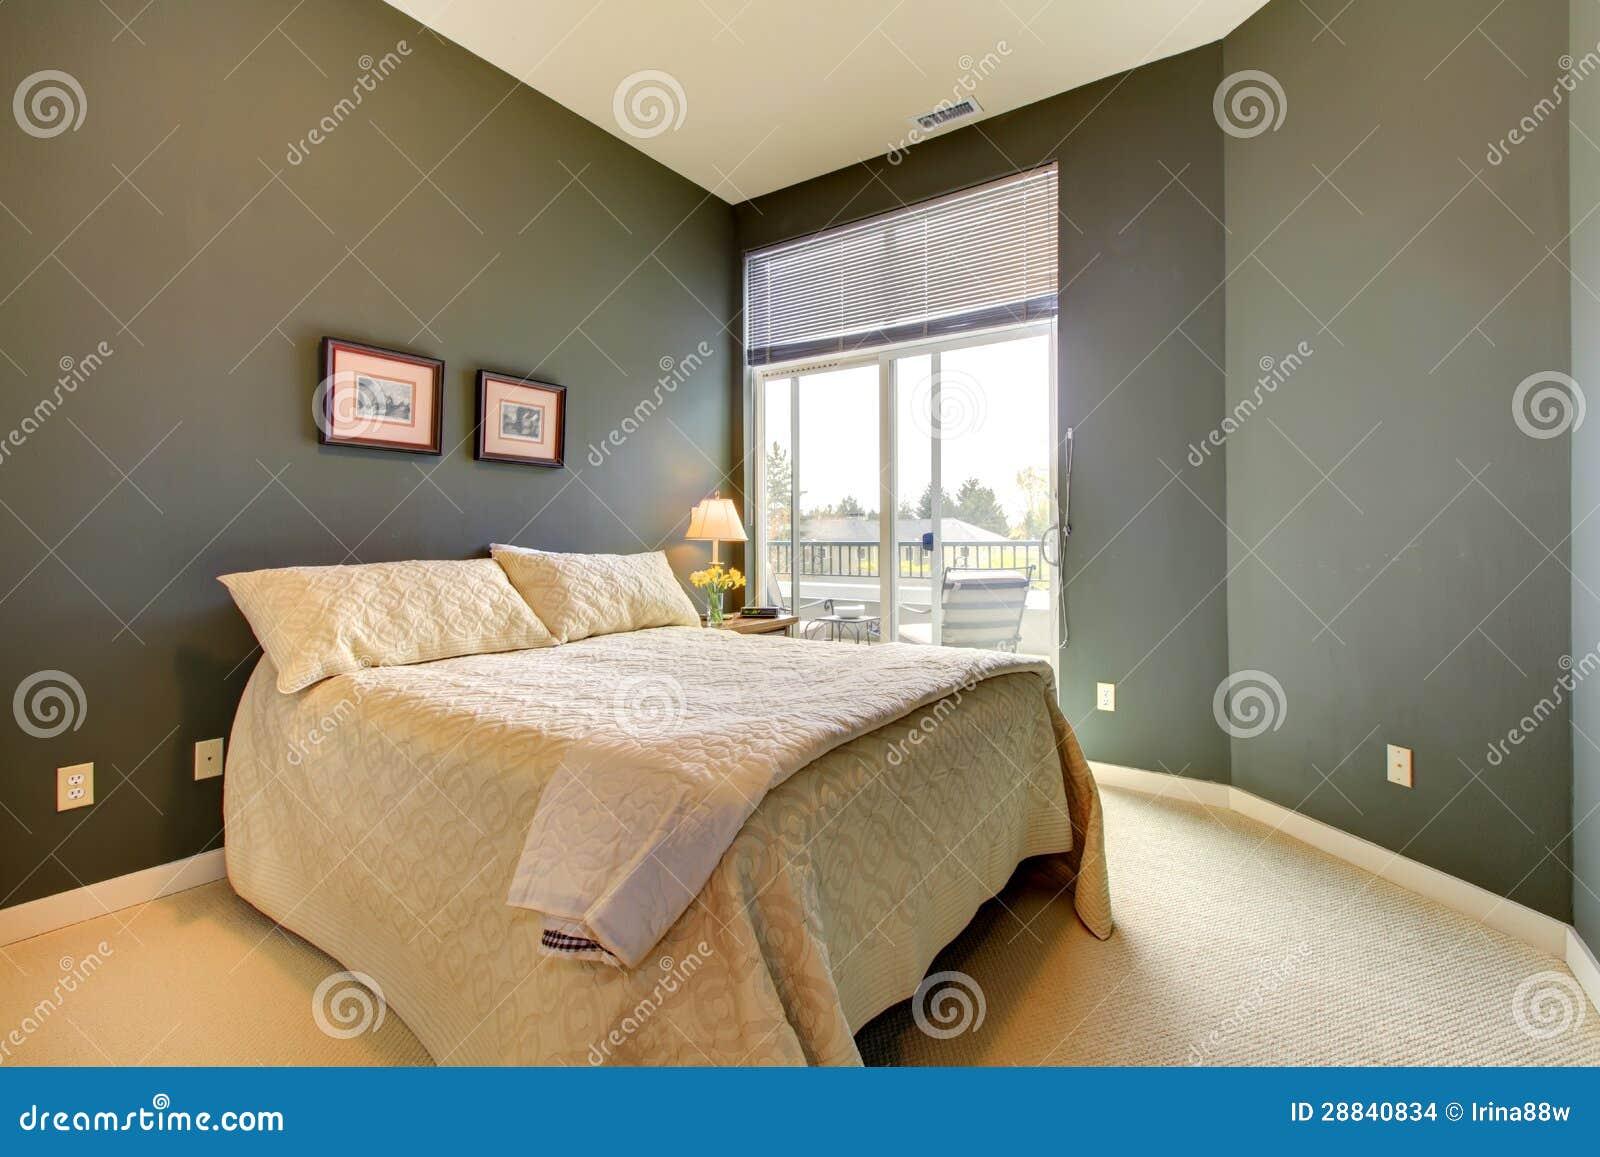 Chambre à Coucher Avec Les Murs Verts Gris Et La Literie Blanche.